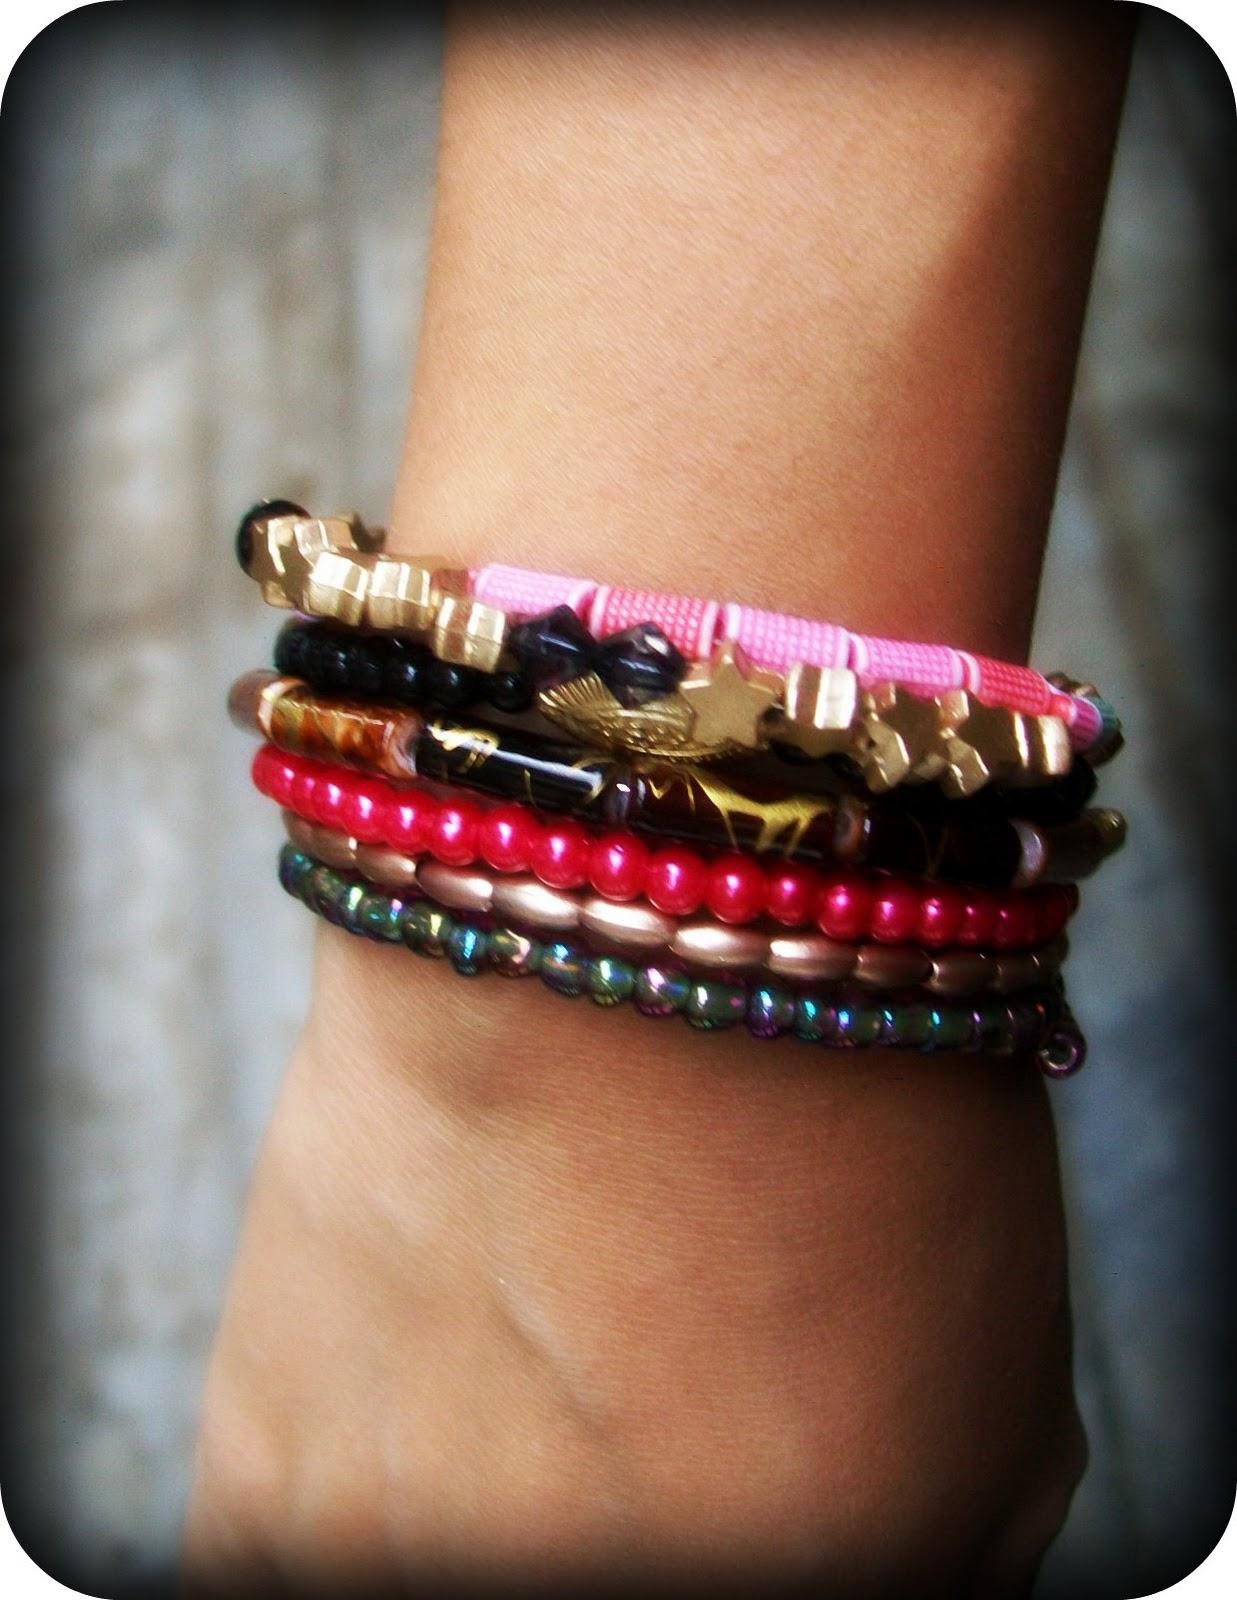 Bracelet freebies